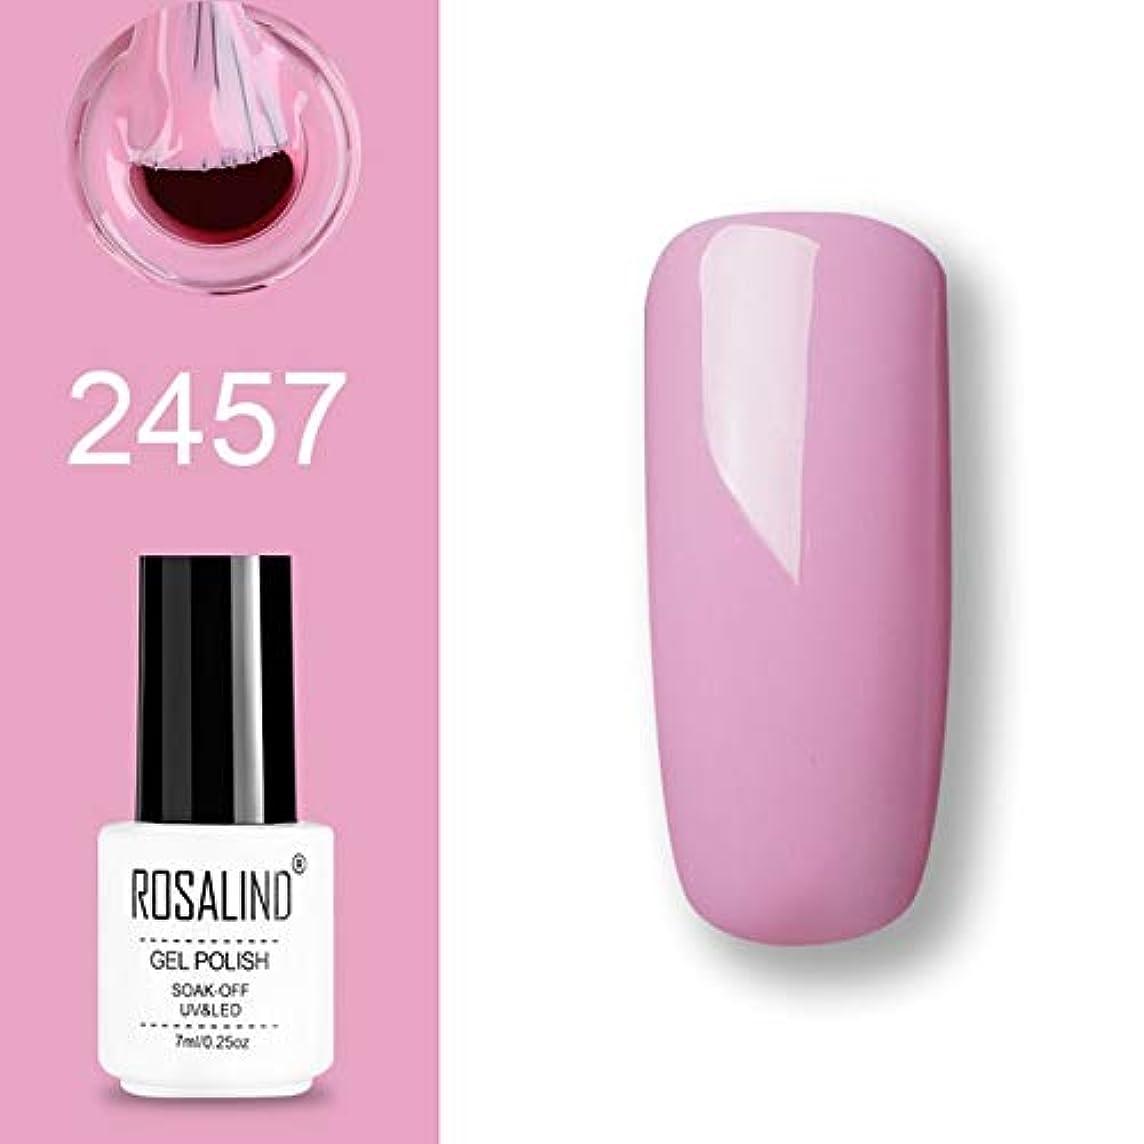 正確取り除く明るくするファッションアイテム ROSALINDジェルポリッシュセットUVセミパーマネントプライマートップコートポリジェルニスネイルアートマニキュアジェル、ピンク、容量:7ml 2457。 環境に優しいマニキュア